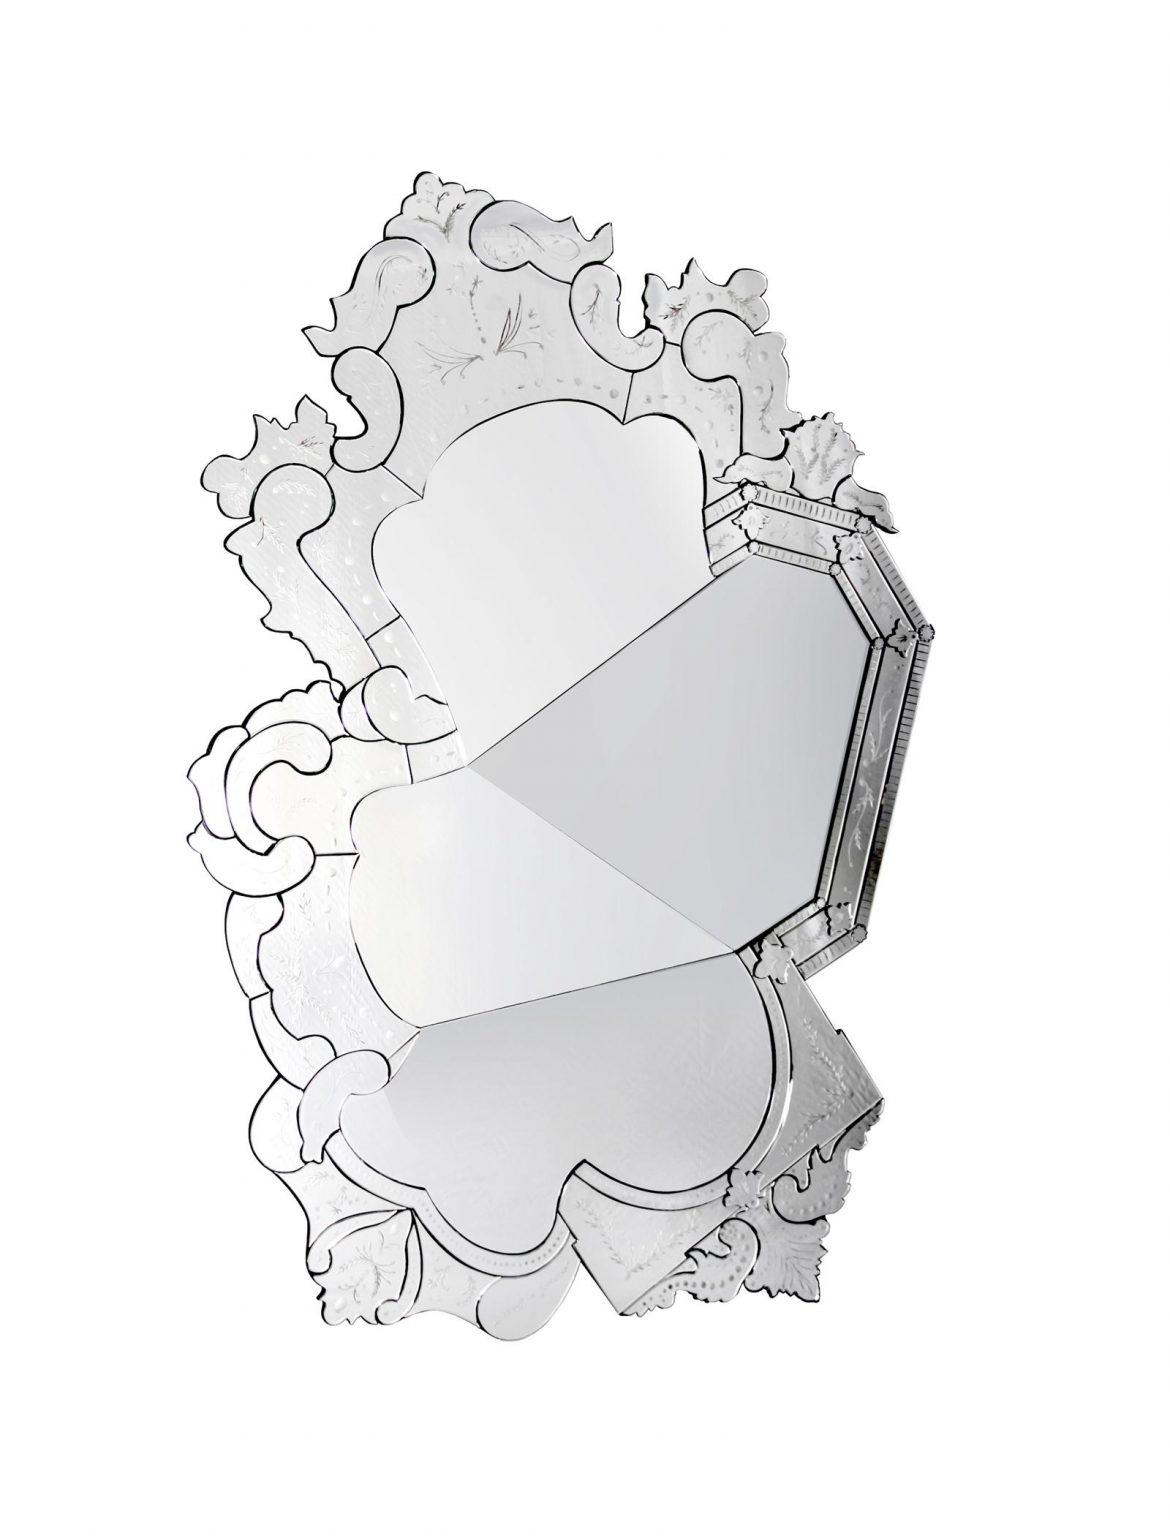 Venice mirror, Boca do Lobo  Gli specchi magici Venice mirror Boca do Lobo